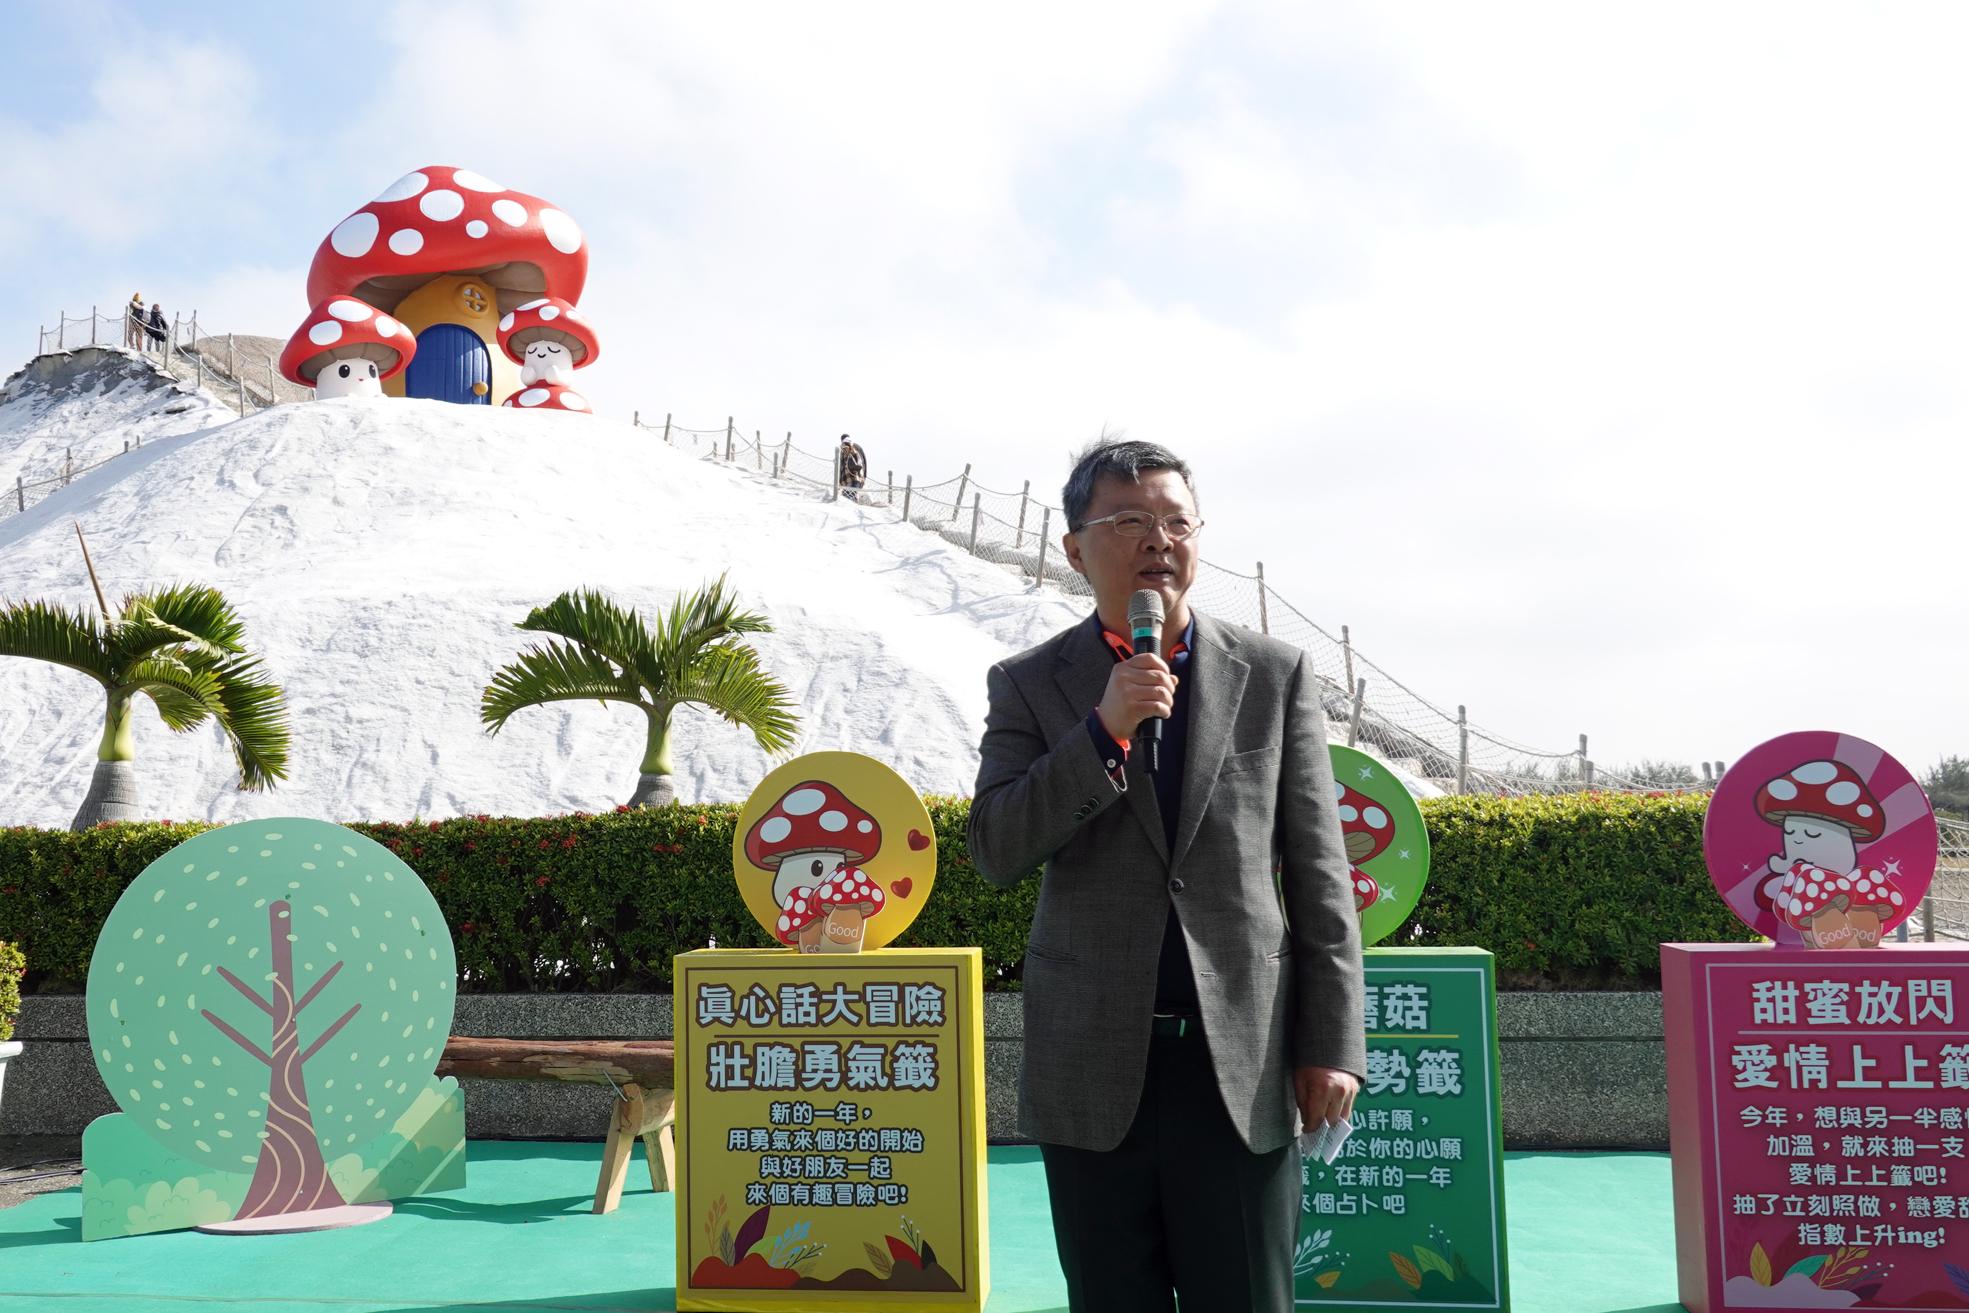 台鹽董事長陳啟昱表示,七股鹽山保留珍貴的曬鹽歷史,是台灣最具代表性的鹽業文化據點!今年特別打造「Good!菇菇!」裝置藝術,期望2021萬事「Good! Good! Good!」